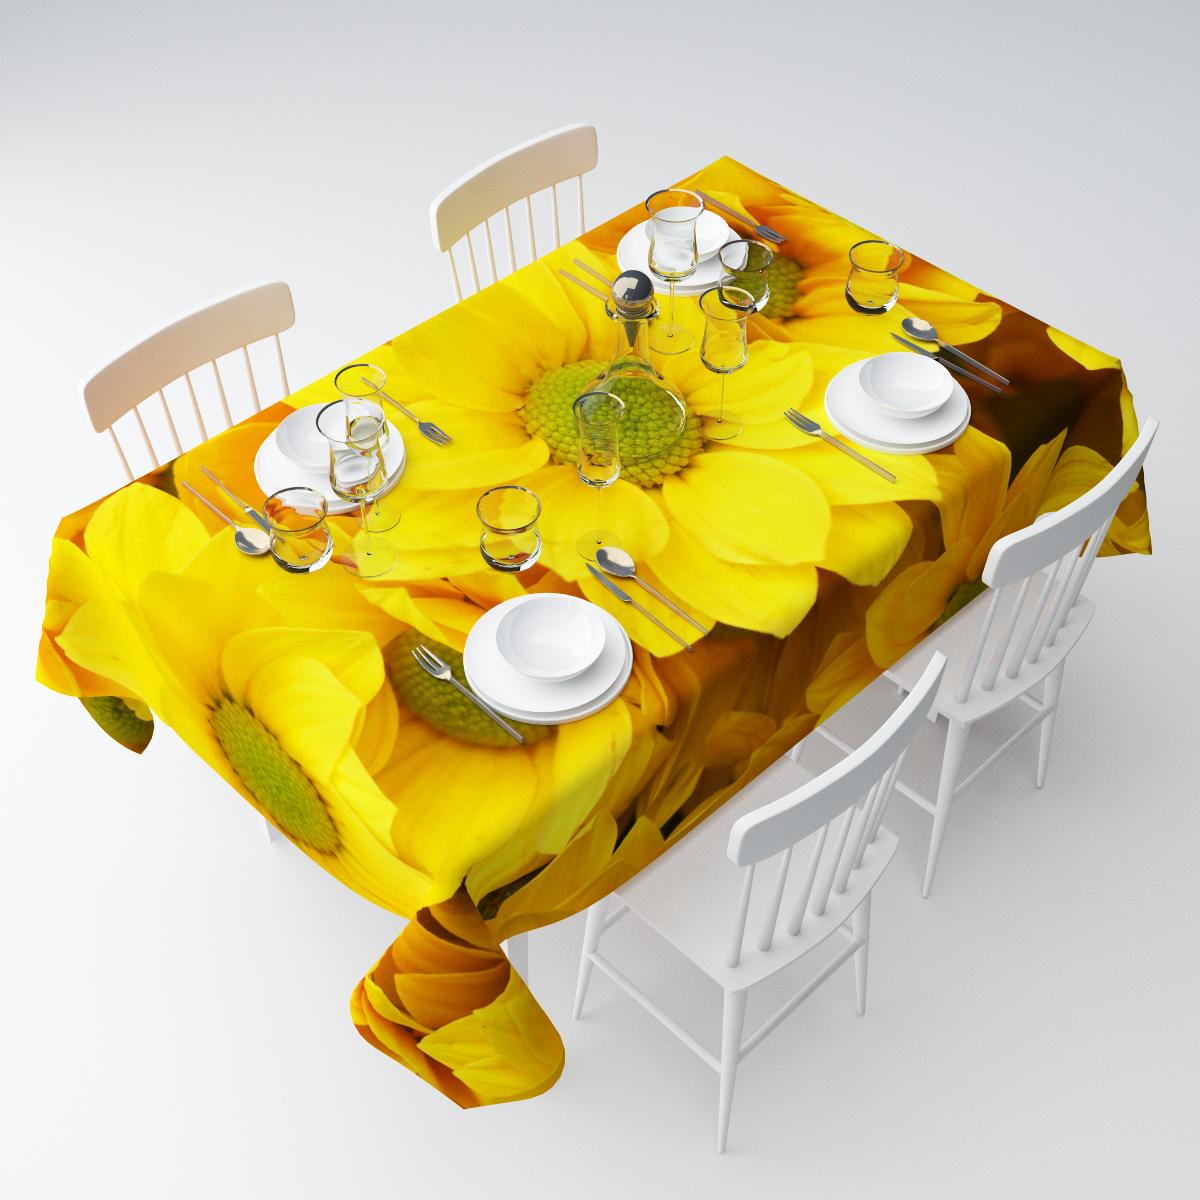 Скатерть Сирень Желтые хризантемы, прямоугольная, 145 х 120 смСКГБ003-07517Прямоугольная скатерть Сирень Желтые хризантемы, выполненная изгабардина с ярким рисунком, преобразит вашу кухню, визуальнорасширит пространство, создаст атмосферу радости и комфорта.Рекомендации по уходу: стирка при 30 градусах, гладить при температуре до 110градусов. Размер скатерти: 145 х 120 см.Изображение может немного отличаться от реального.